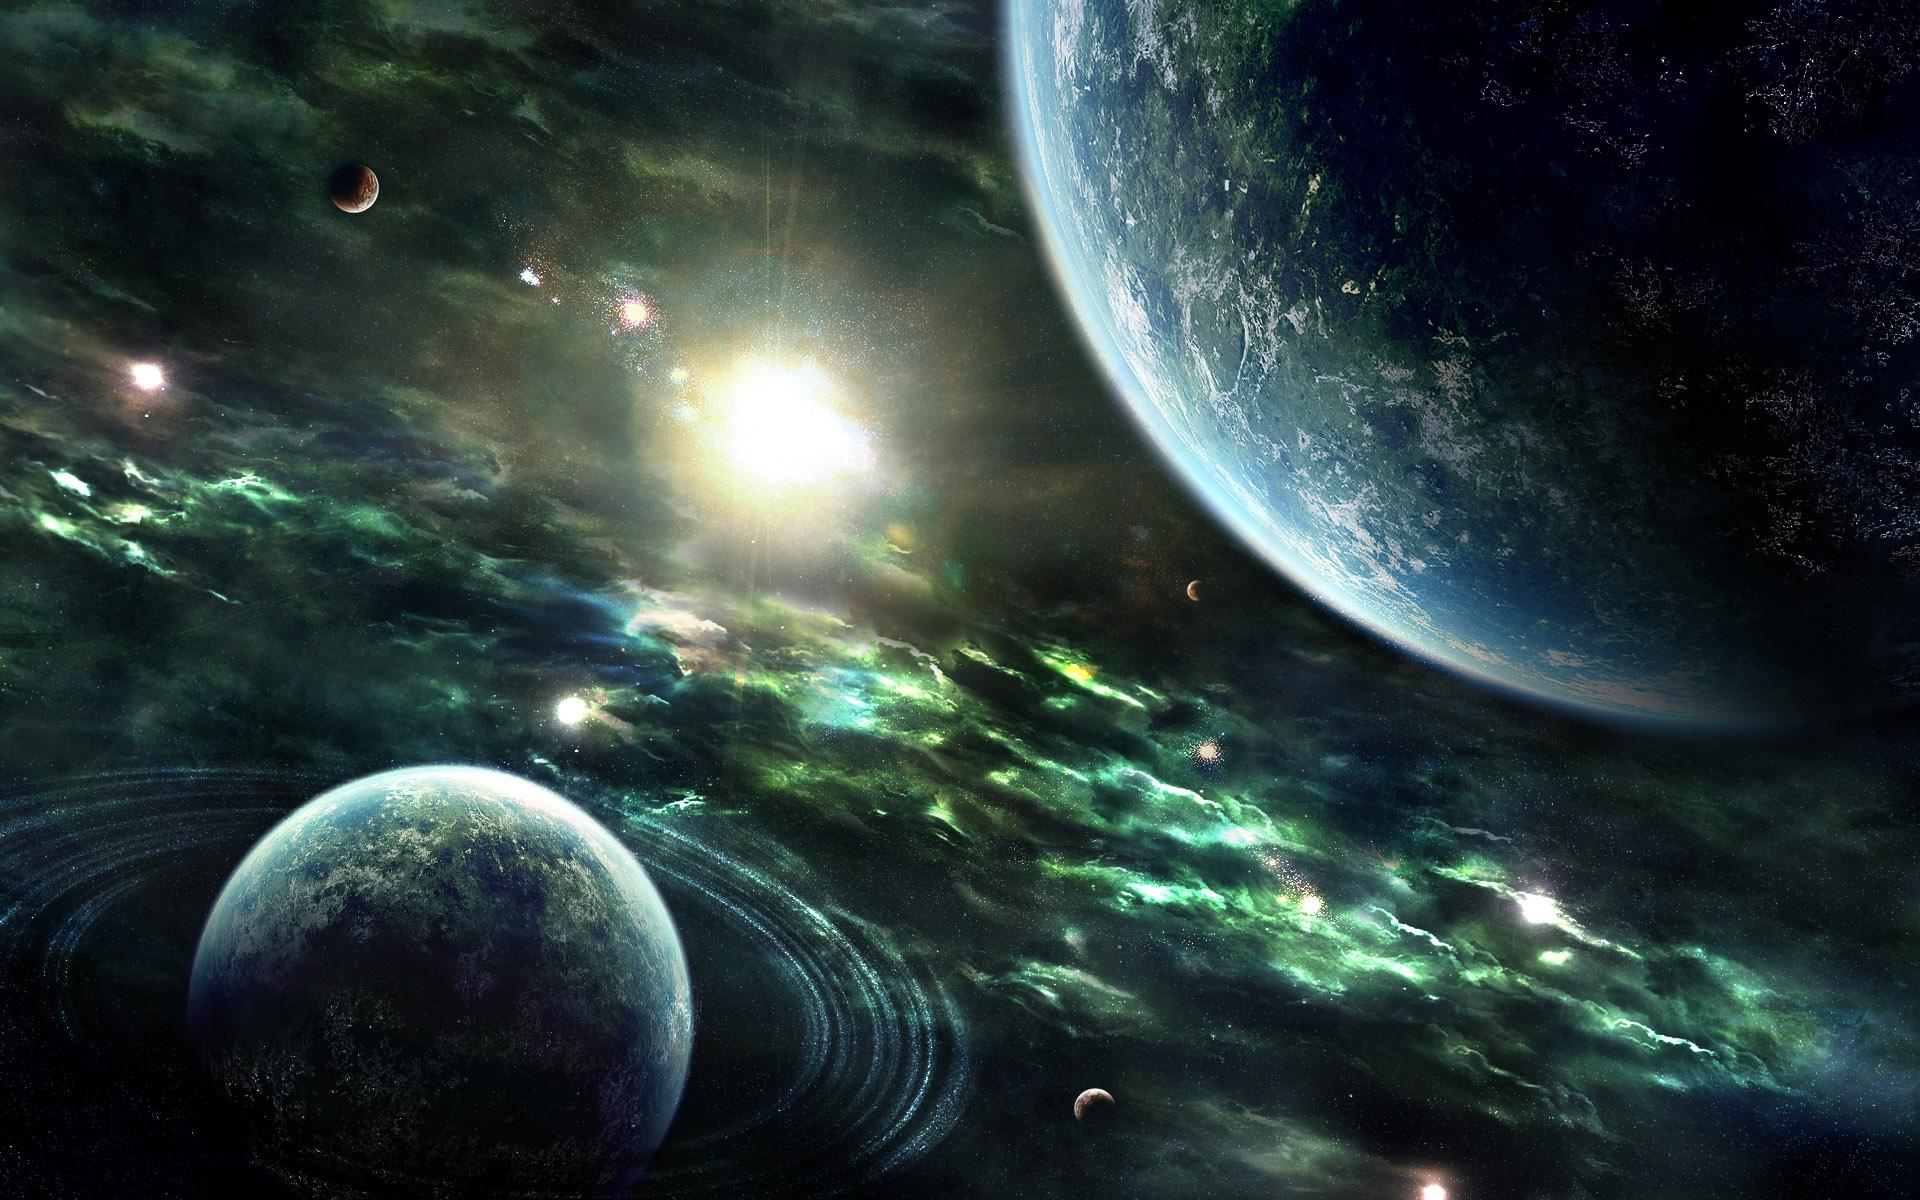 sci fi planet wallpaper - photo #36